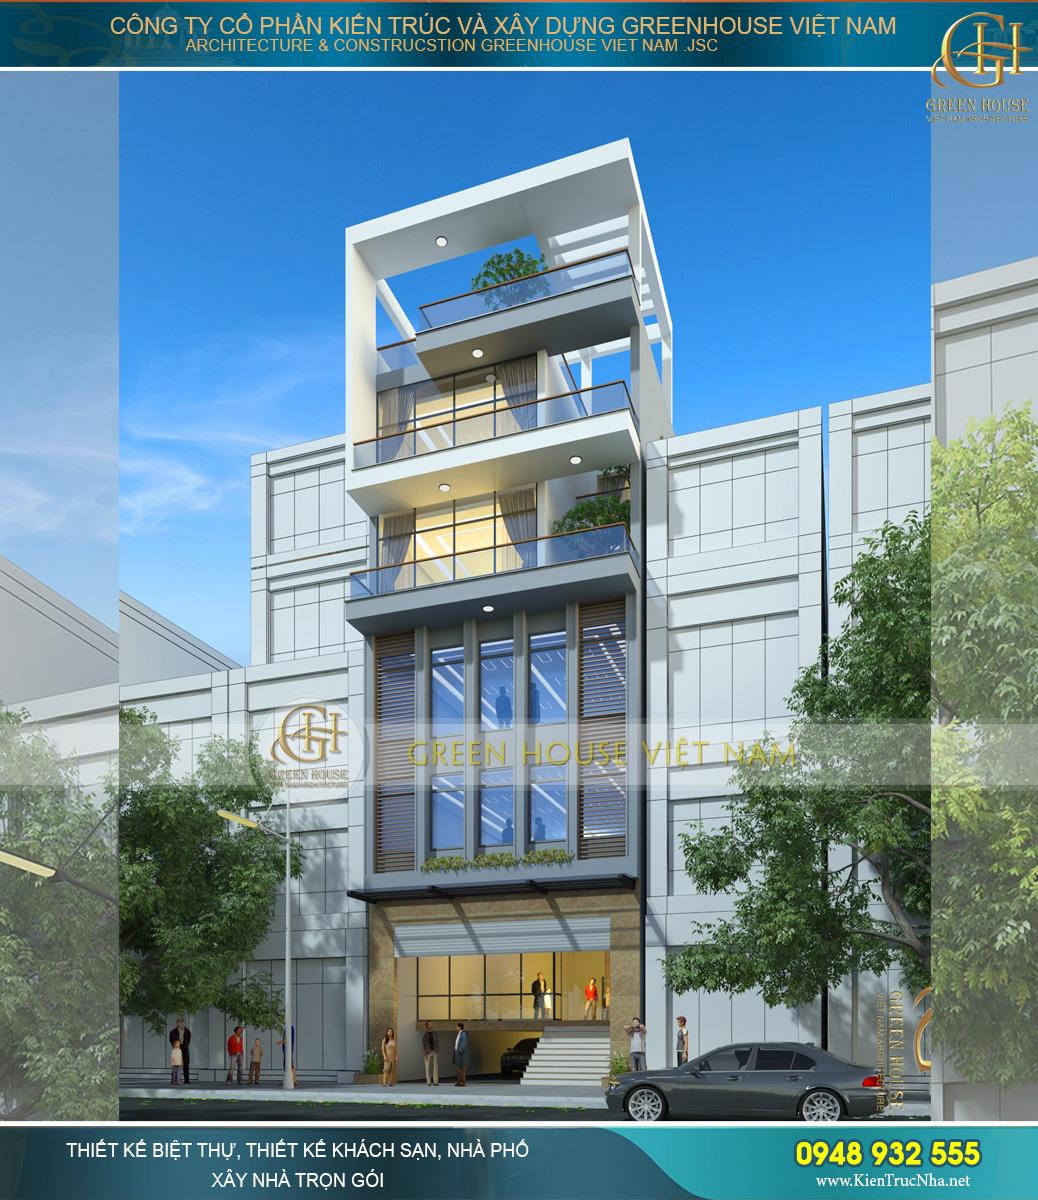 Mặt tiền ngôi nhà phố 5 tầng kết hợp văn phòng công ty thể hiện sắc nét vẻ đẹp hiện đại và mới mẻ mà Kiến trúc sư muốn gửi gắm tới